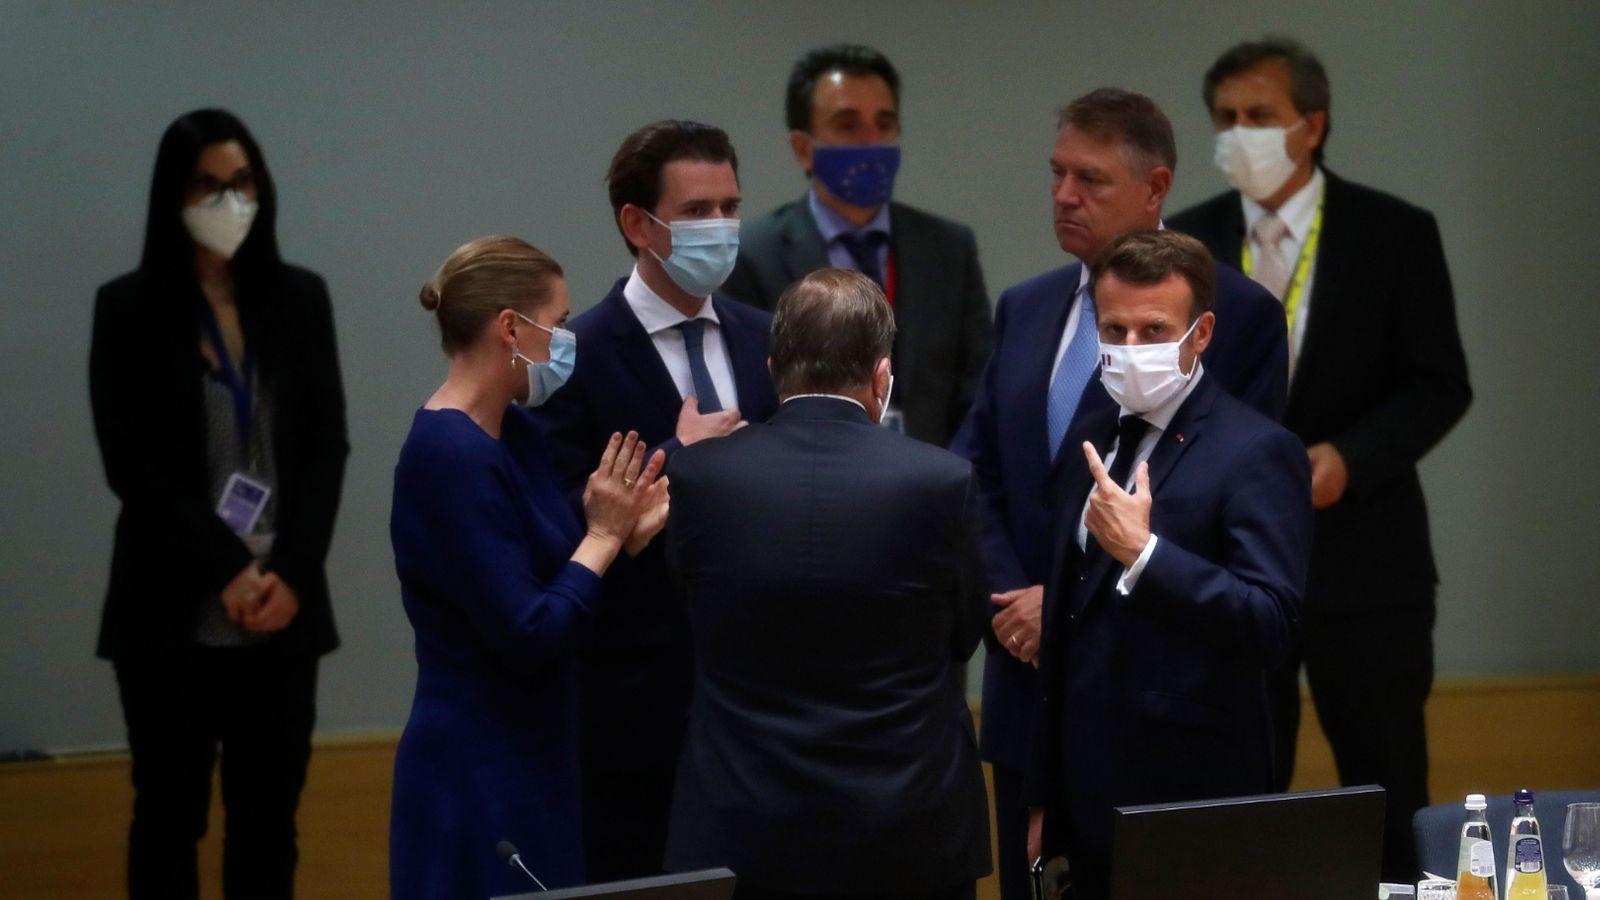 """La Bruxelles, într-un """"moment istoric"""" pentru obținerea """"unui acord istoric"""", România nu s-a văzut. Asta mai ales pentru că […]"""